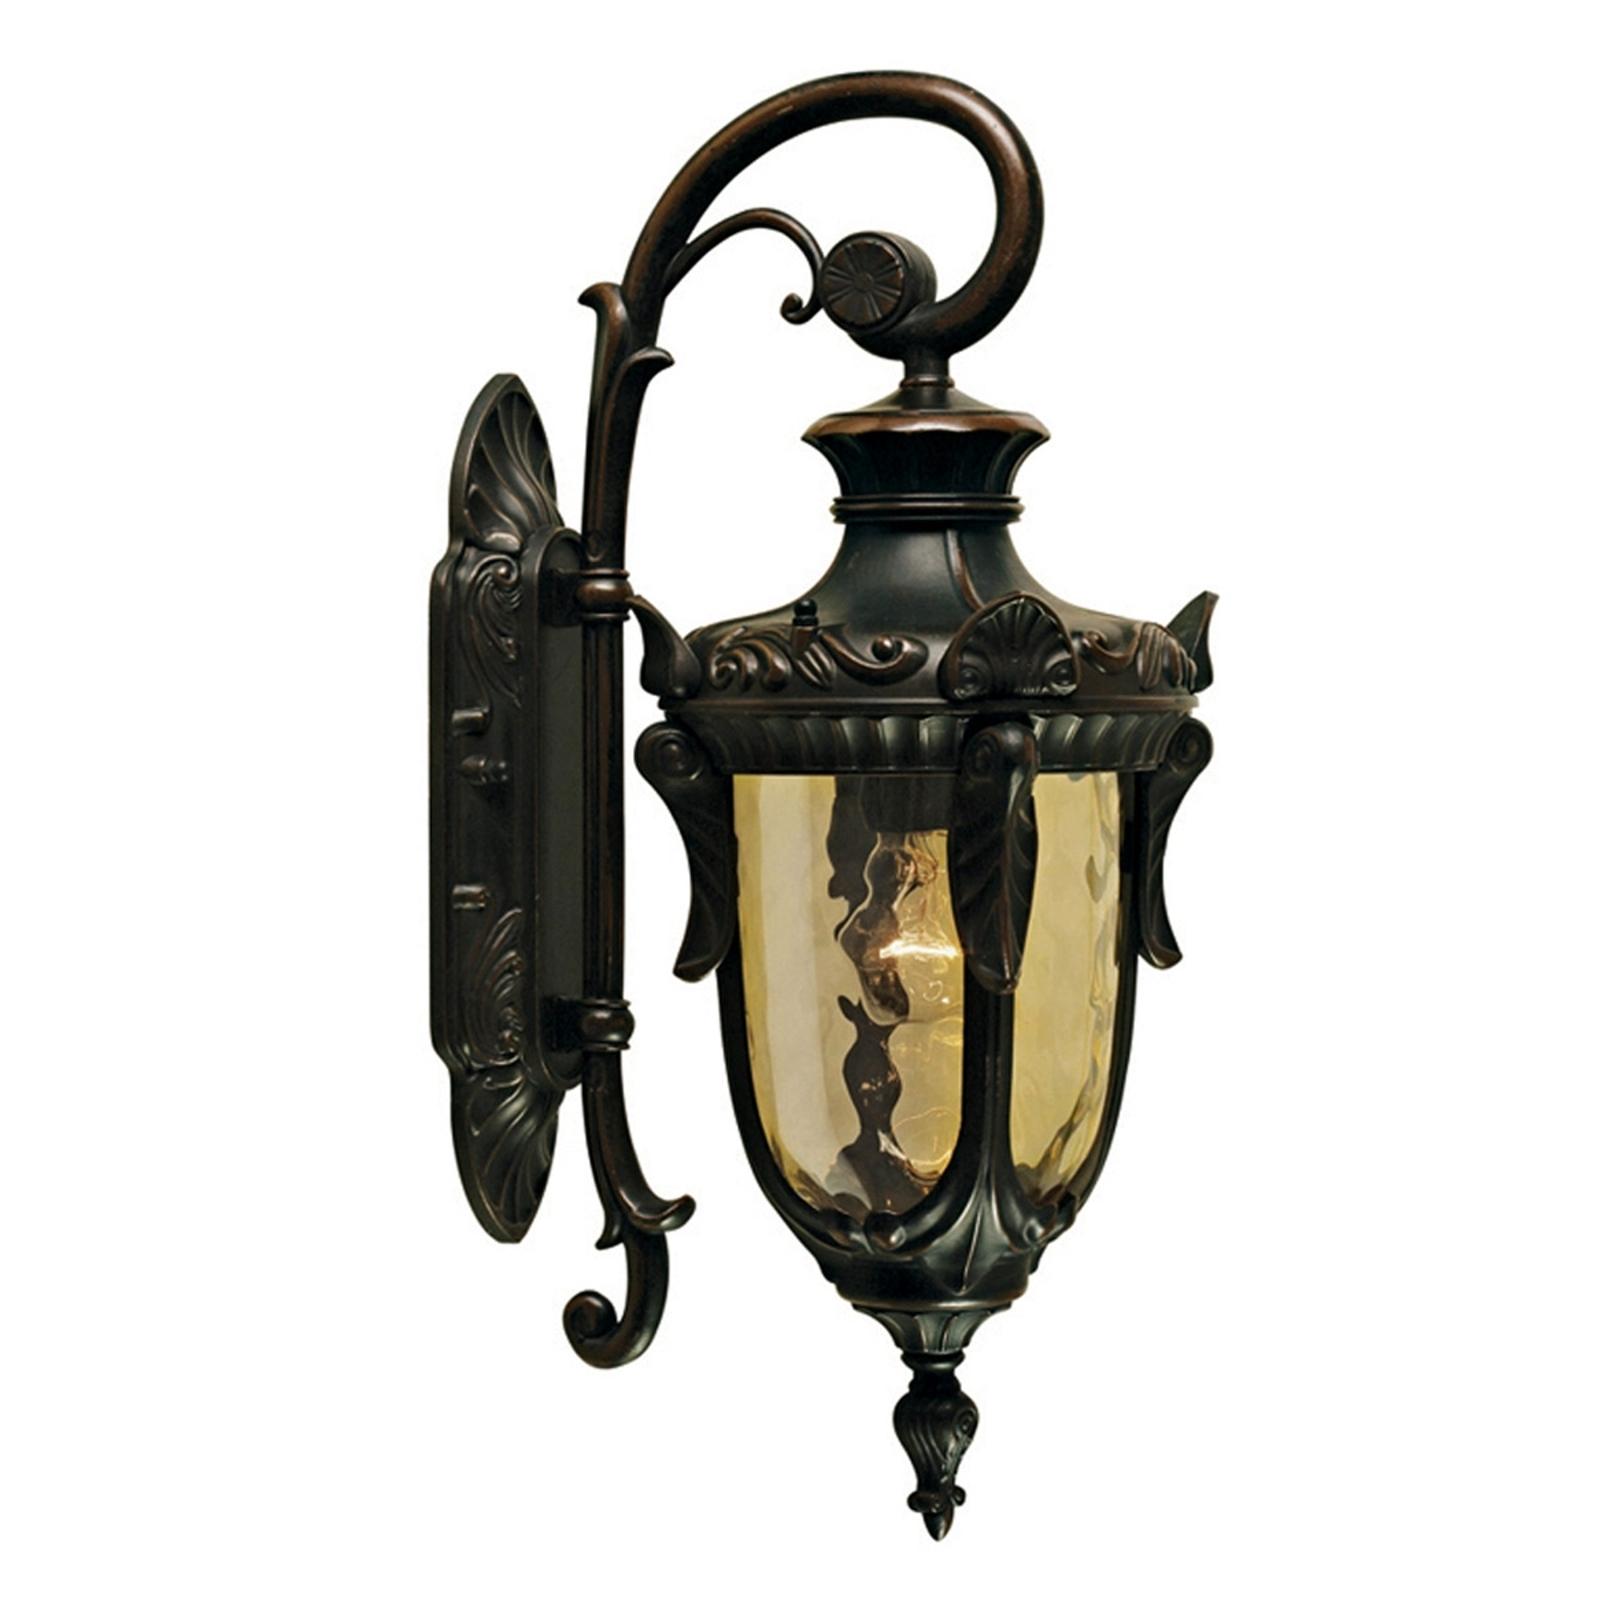 Lampa ścienna zewnętrzna PHILADELPHIA 52 cm